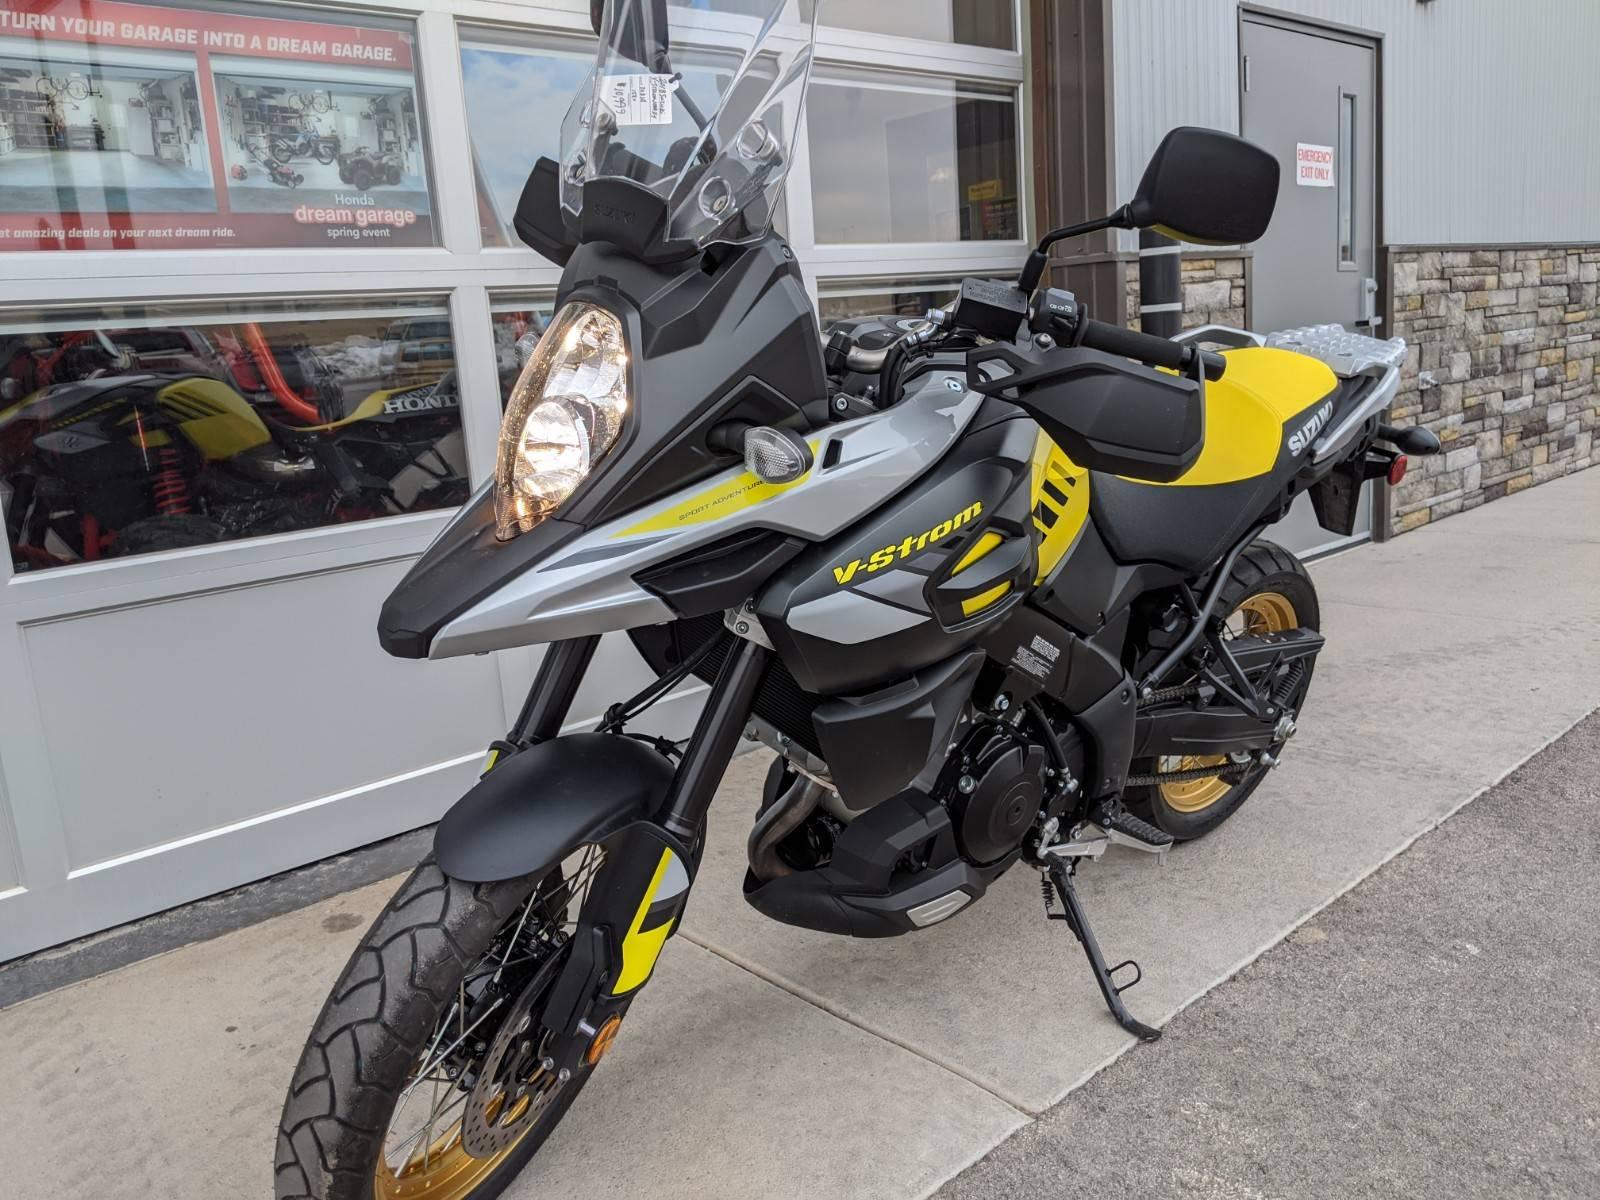 2018 Suzuki V-Strom 1000XT 8